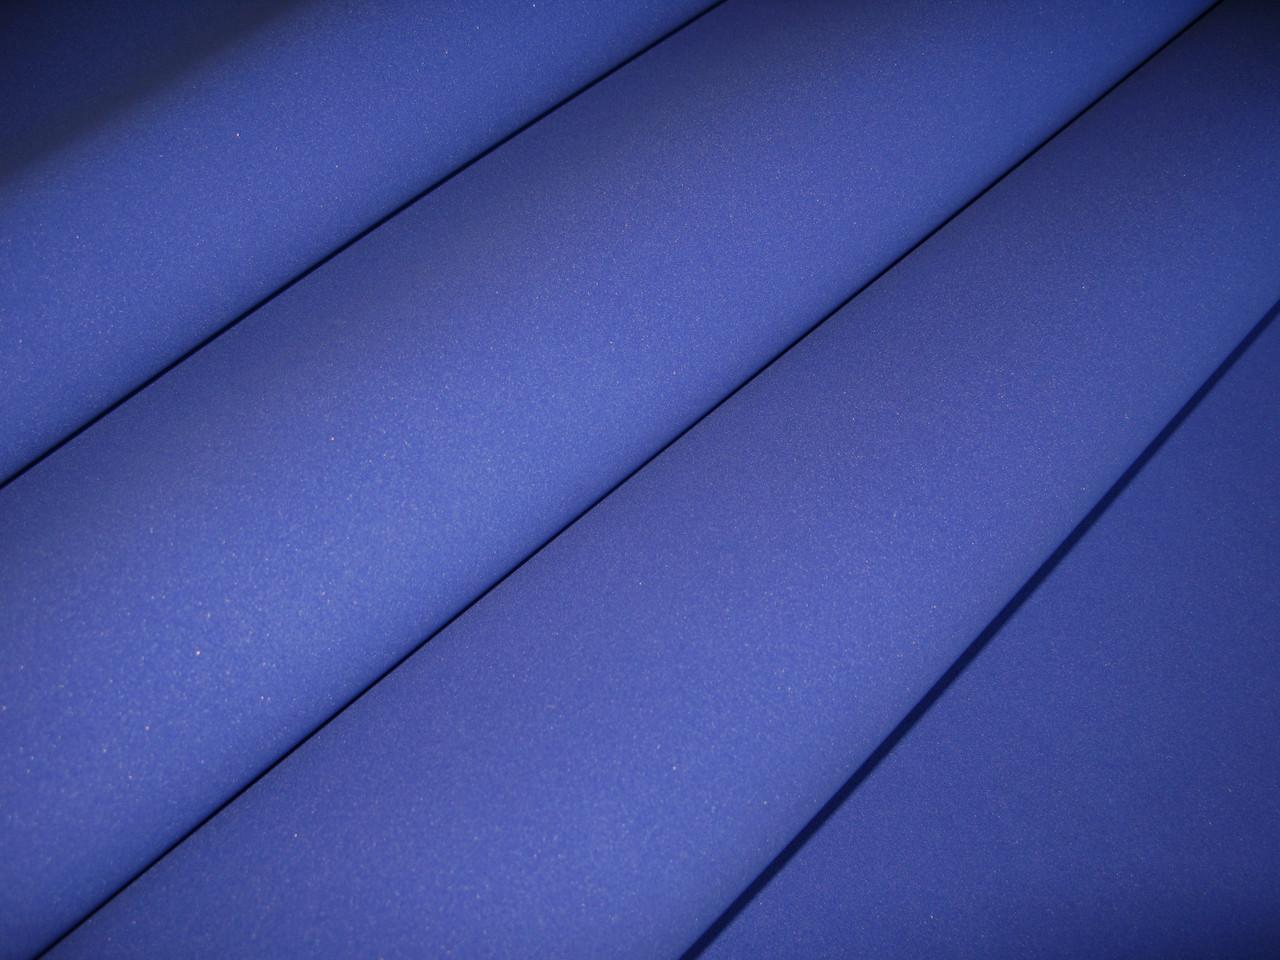 Фоамиран китайский темно синий 1 мм, р-р 50 на 50 см, 15 грн